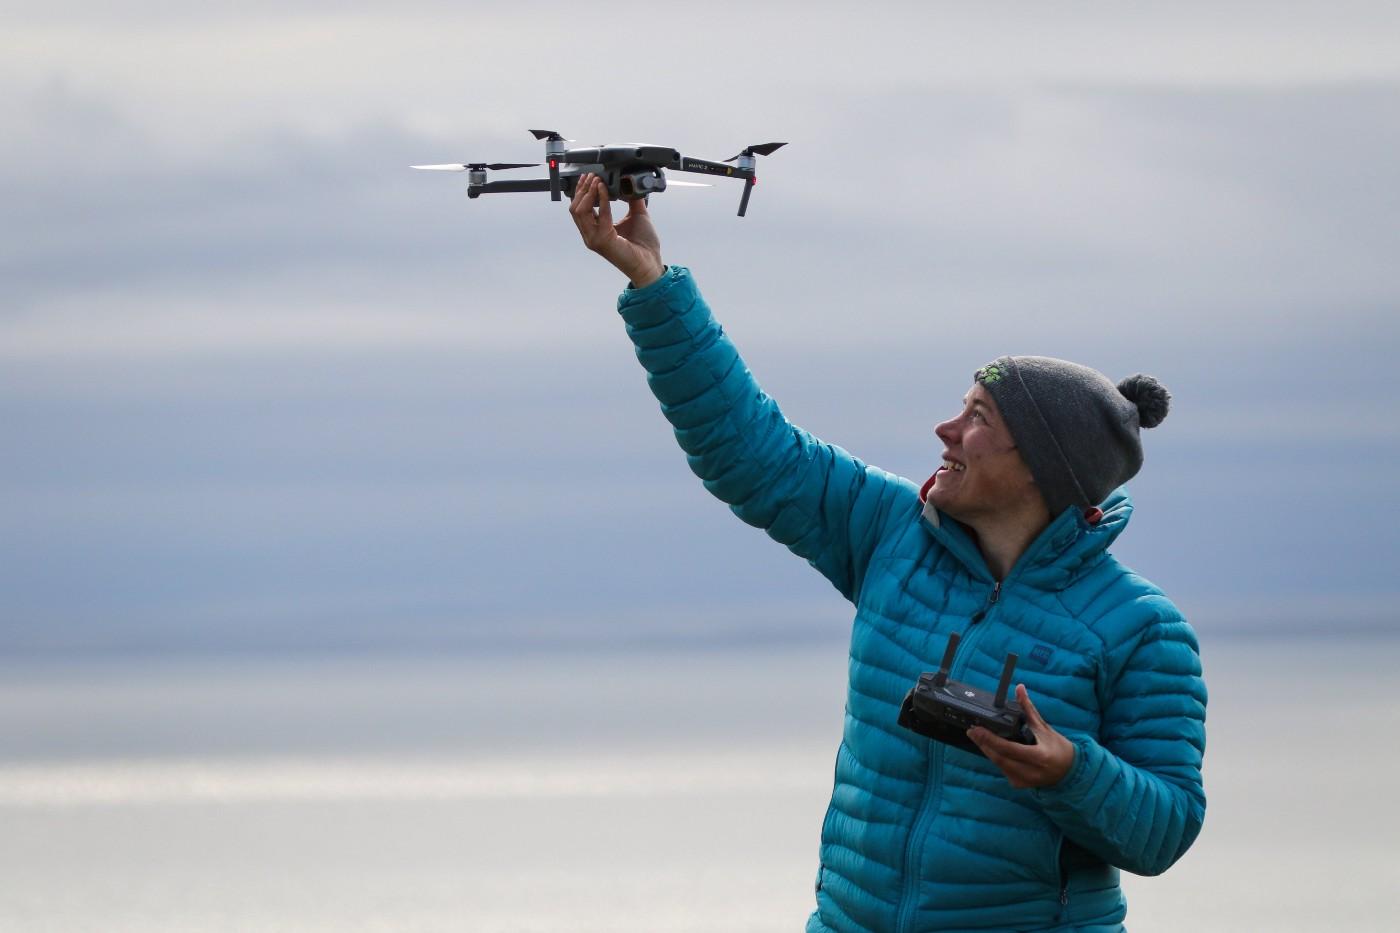 Isla_flying_a_drone.jpeg